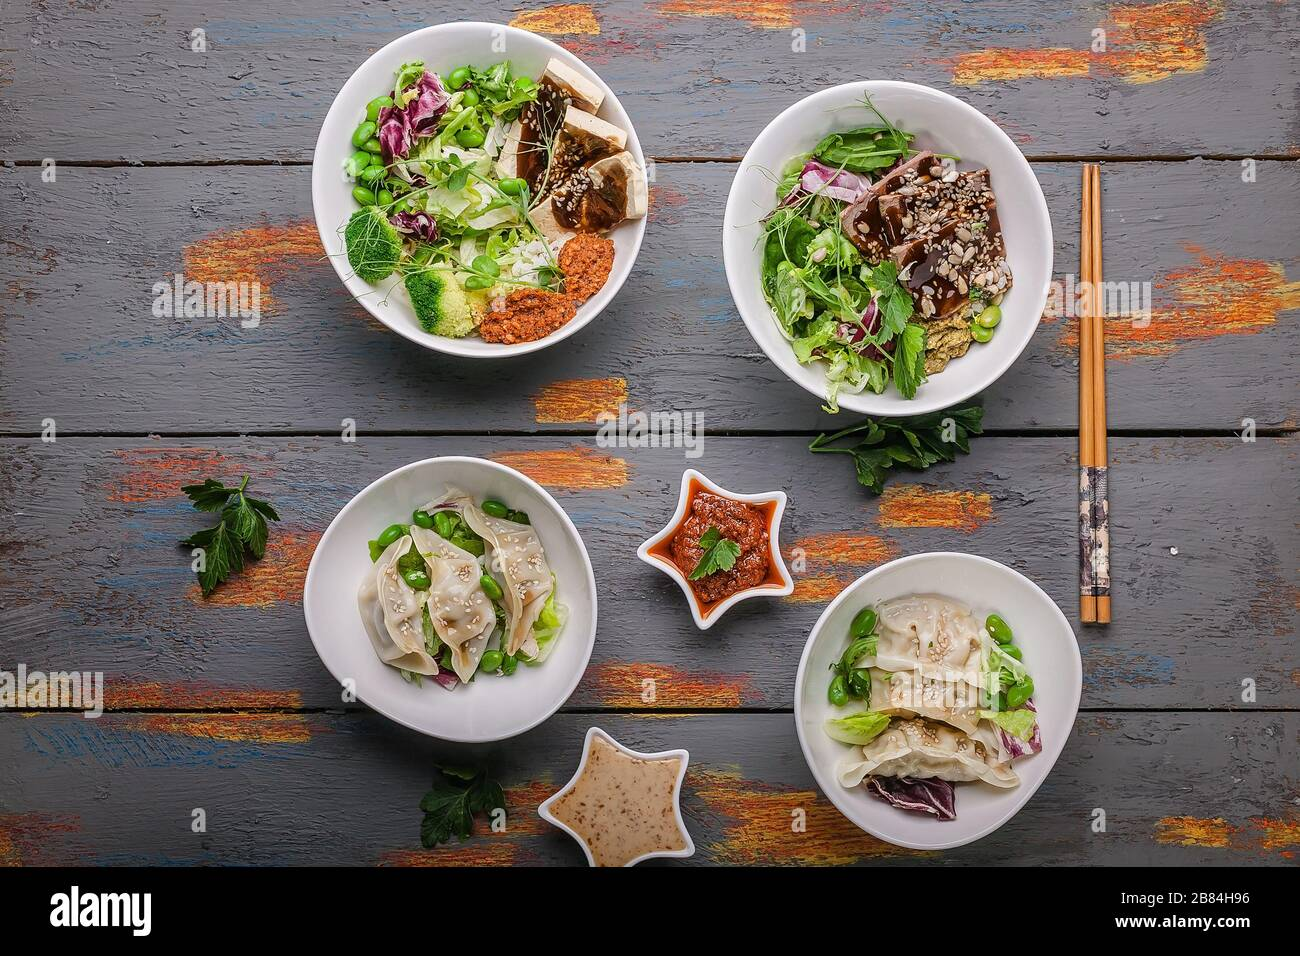 Vue de dessus boulettes de gyozu traditionnelles, légumes bouillis avec riz, porc et sauce épicée. Cuisine orientale Banque D'Images